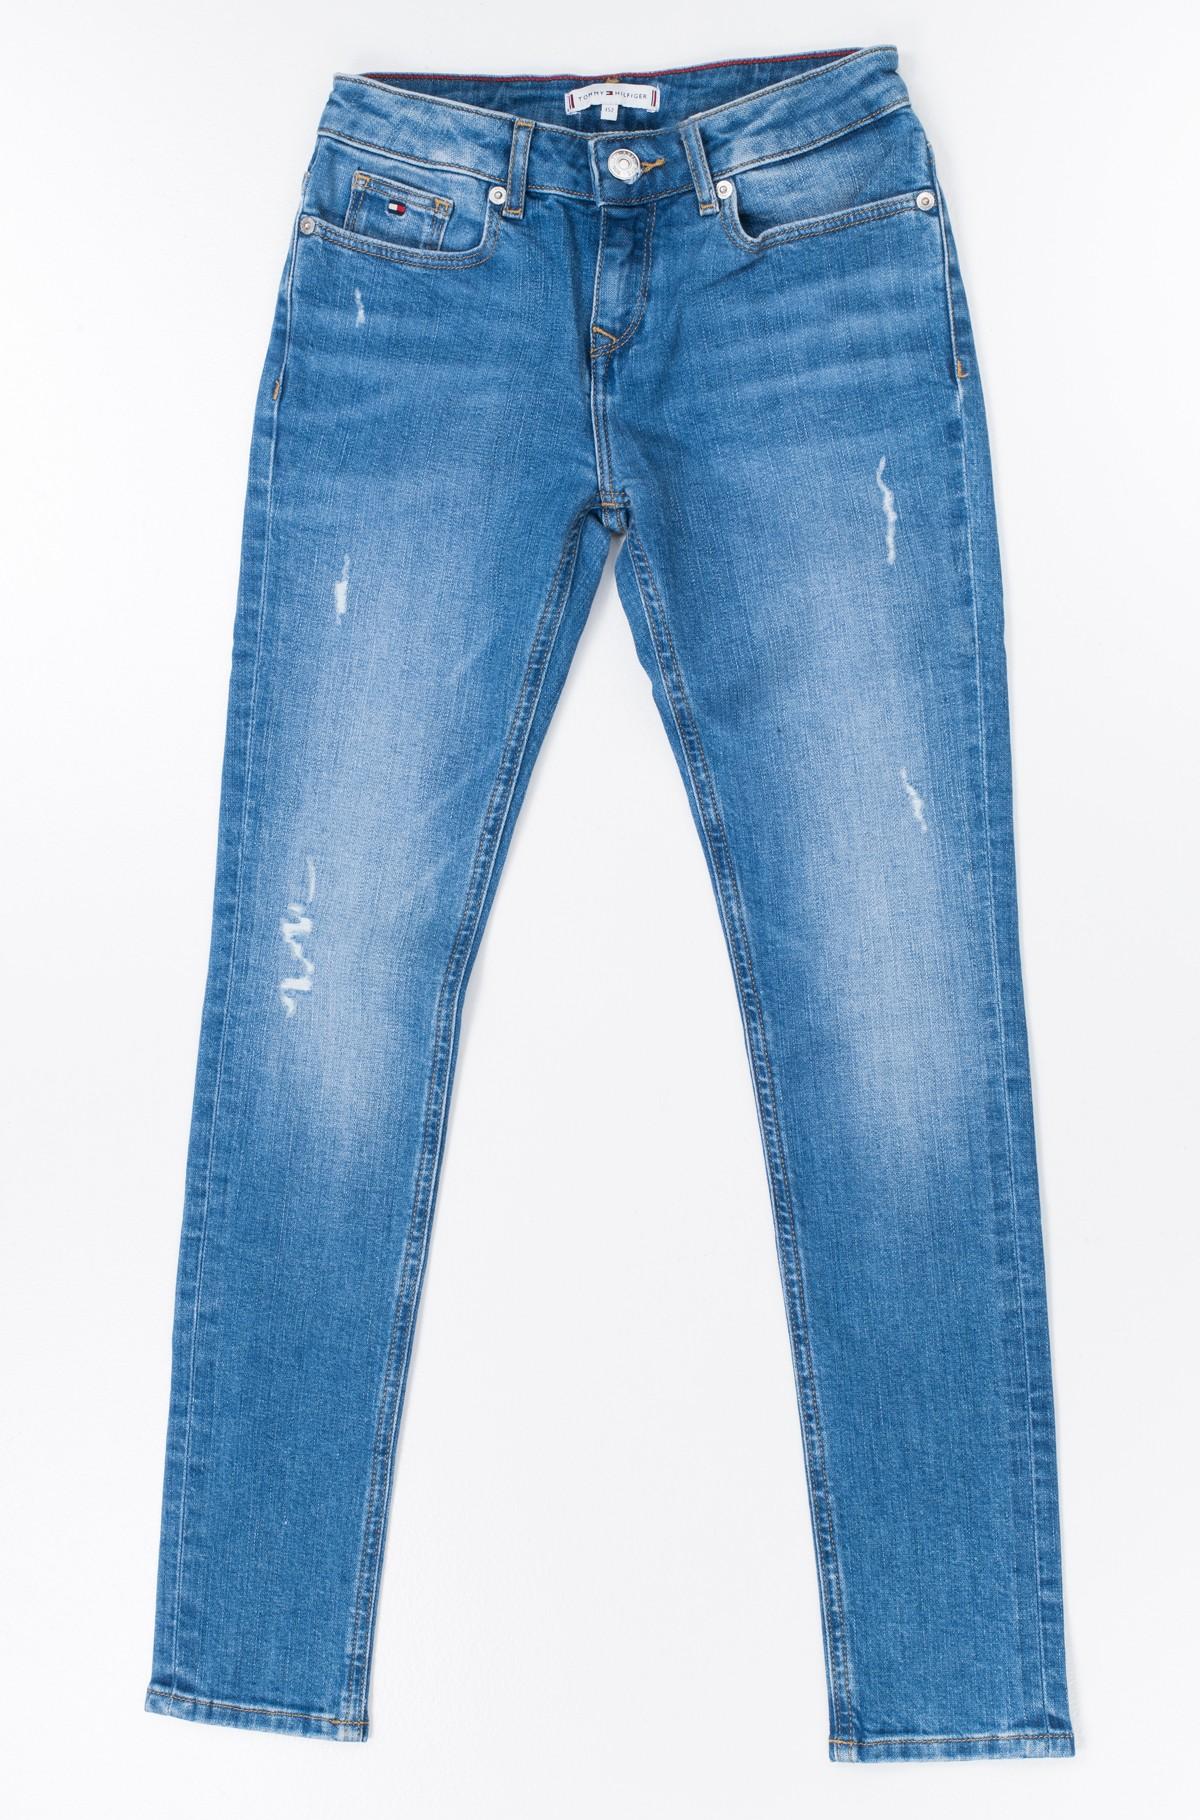 Vaikiškos džinsinės kelnės NORA RR SKINNY ICBDST-full-1